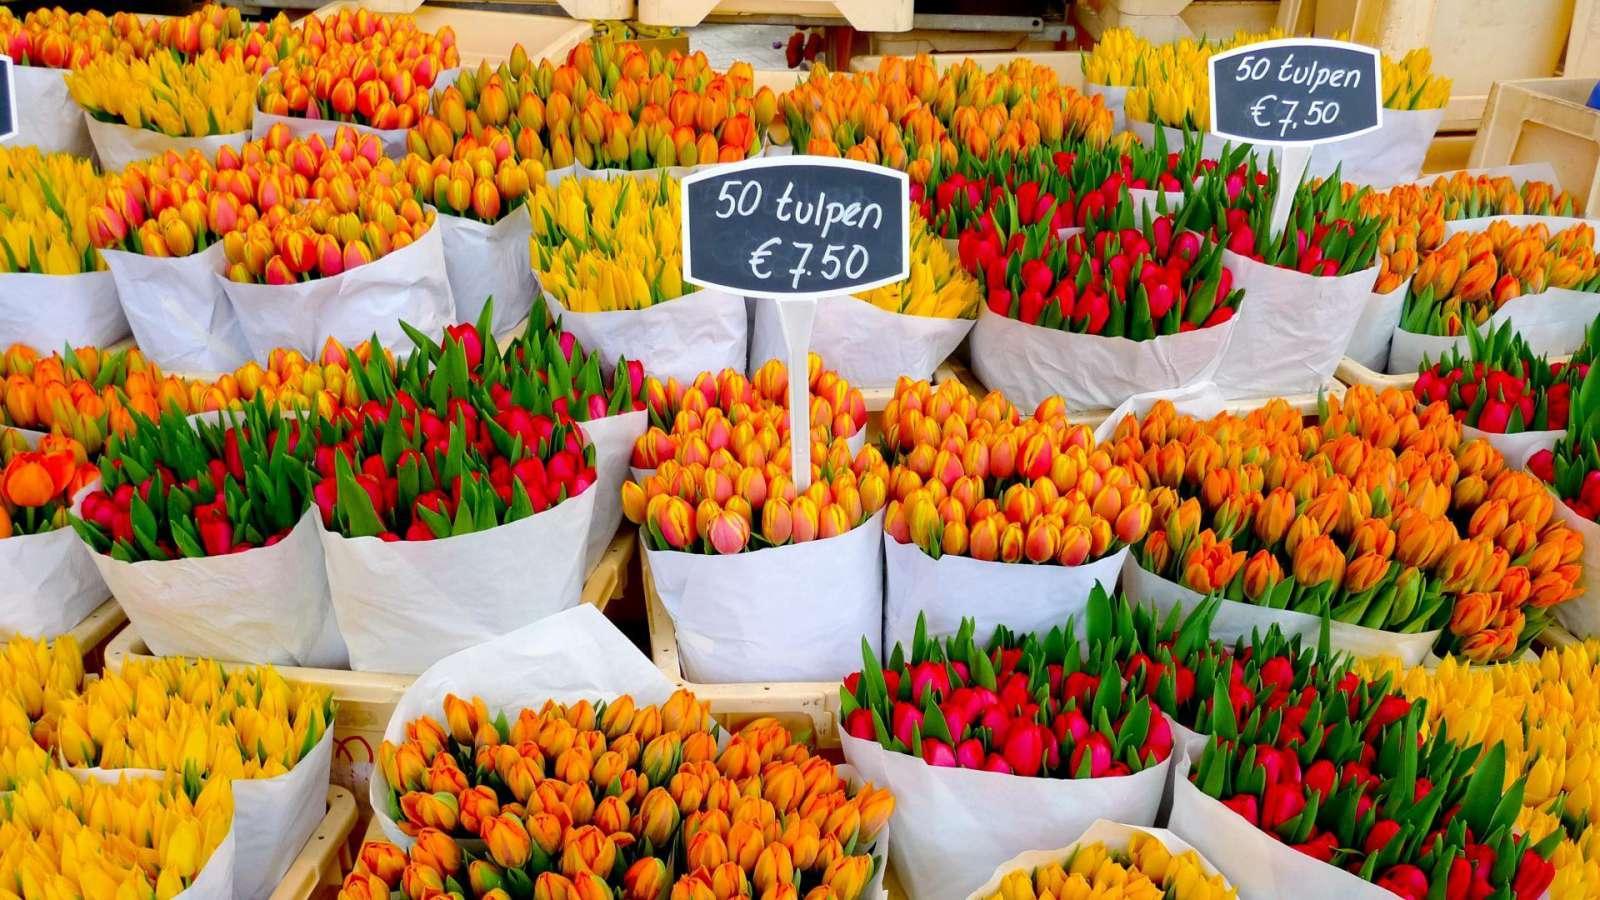 Amsterdamą spalvina ir gėlių turgeliai, esantys už kiekvieno kampo